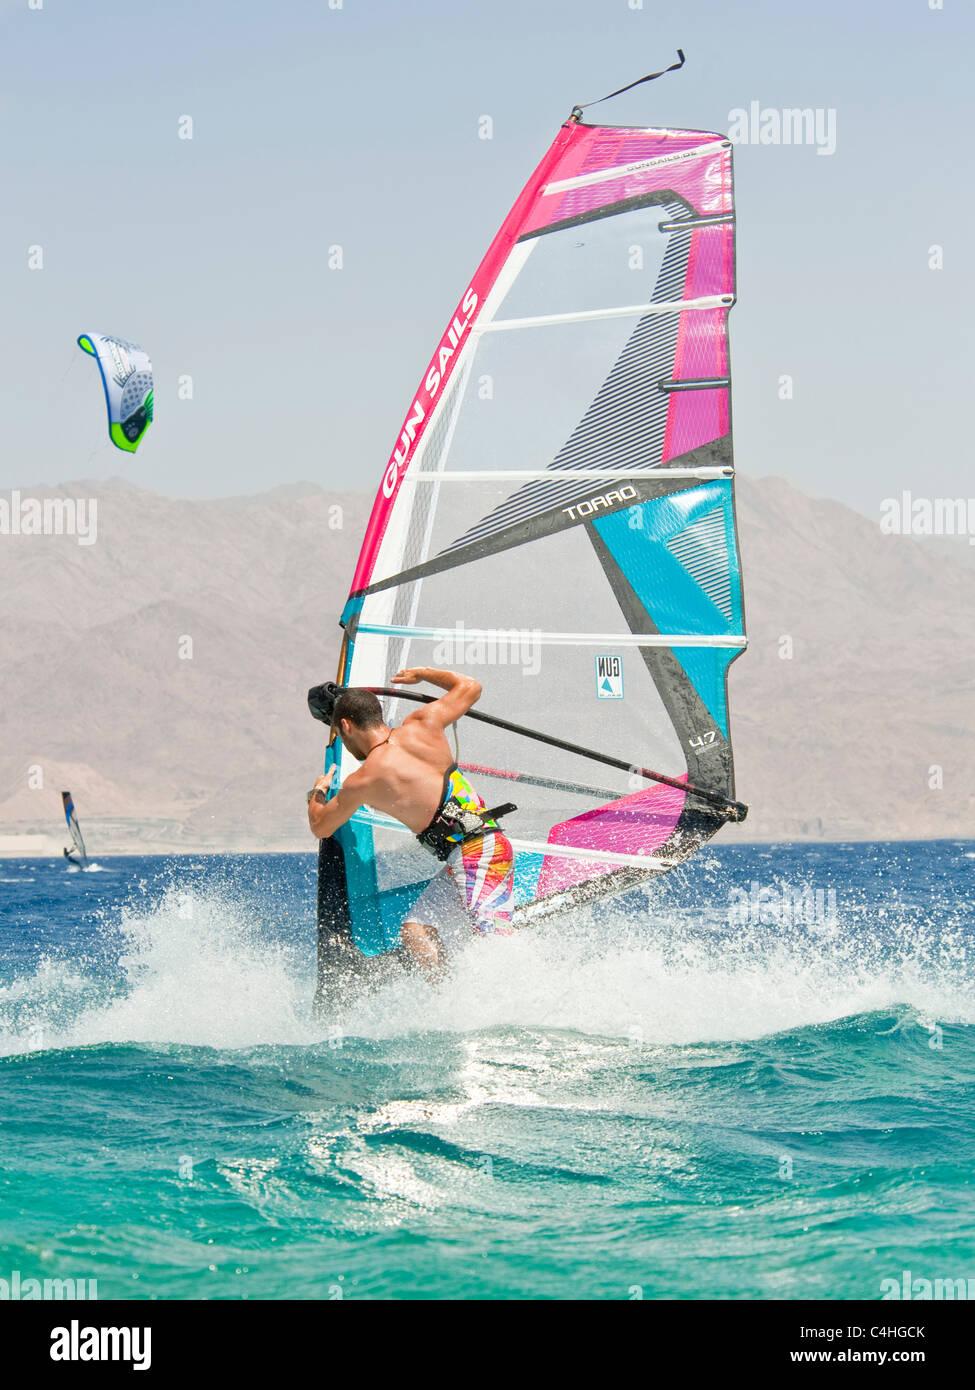 Un windsurfista realizar trucos sobre el mar rojo, en la localidad de Eilat en Israel. Imagen De Stock